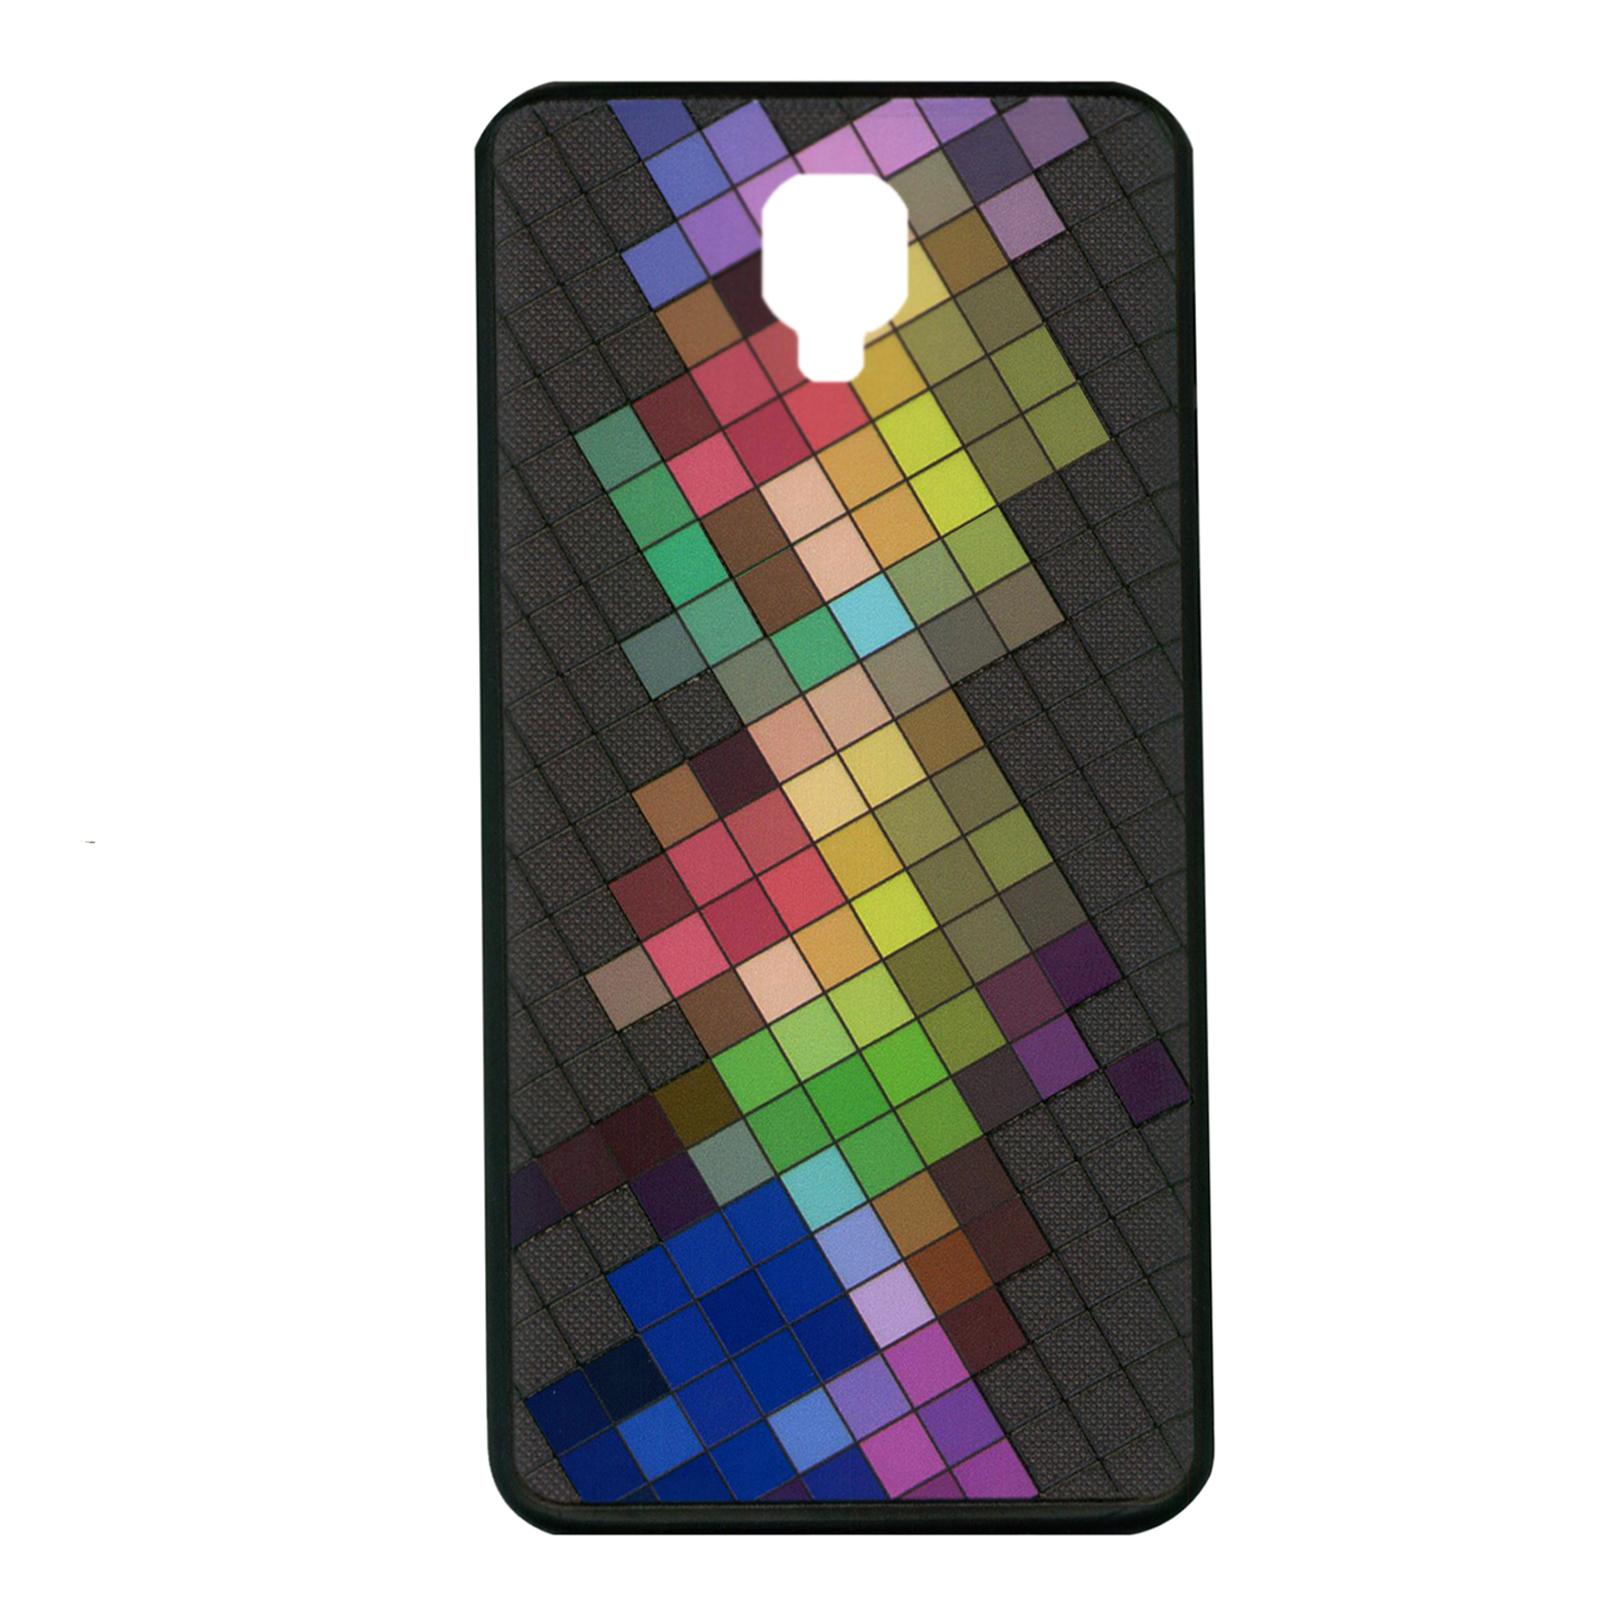 کاور کد 706 مناسب برای گوشی موبایل سامسونگ Galaxy S4